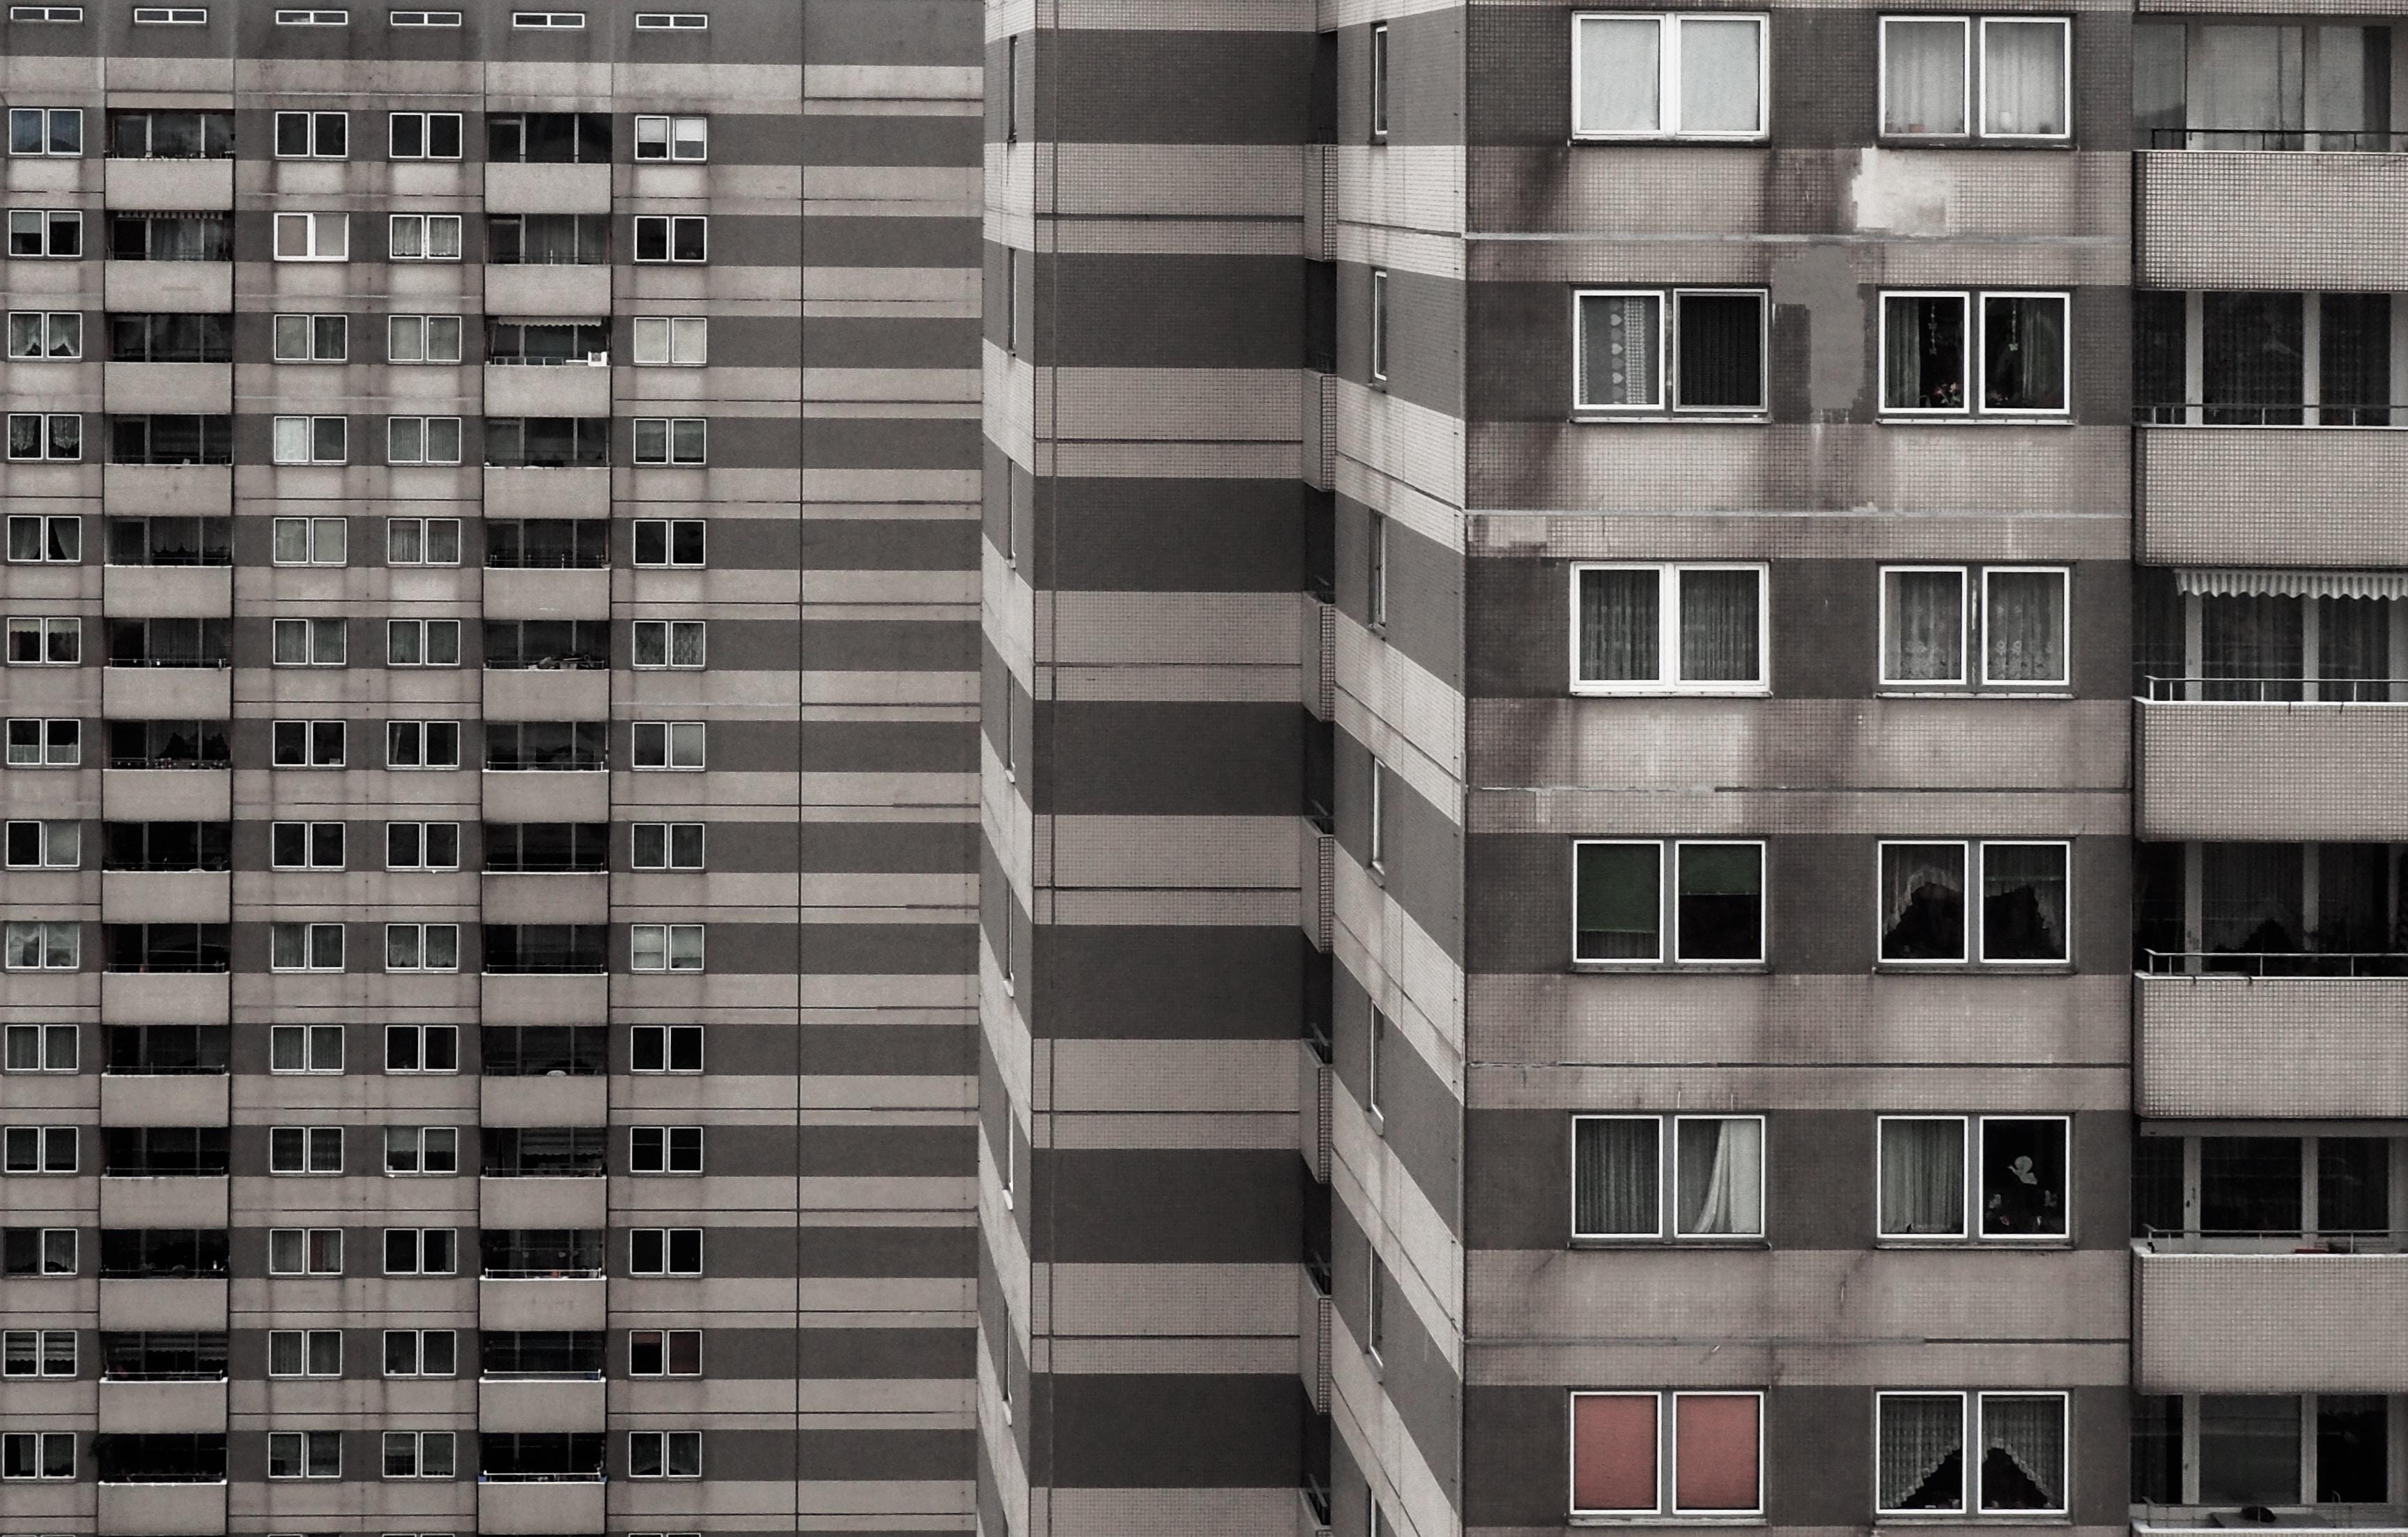 Ghetto område. Odense Kommune betaler kriminelle for at flytte ud af ghetto-område. Grå, beton bygning. (Foto: Unsplash)